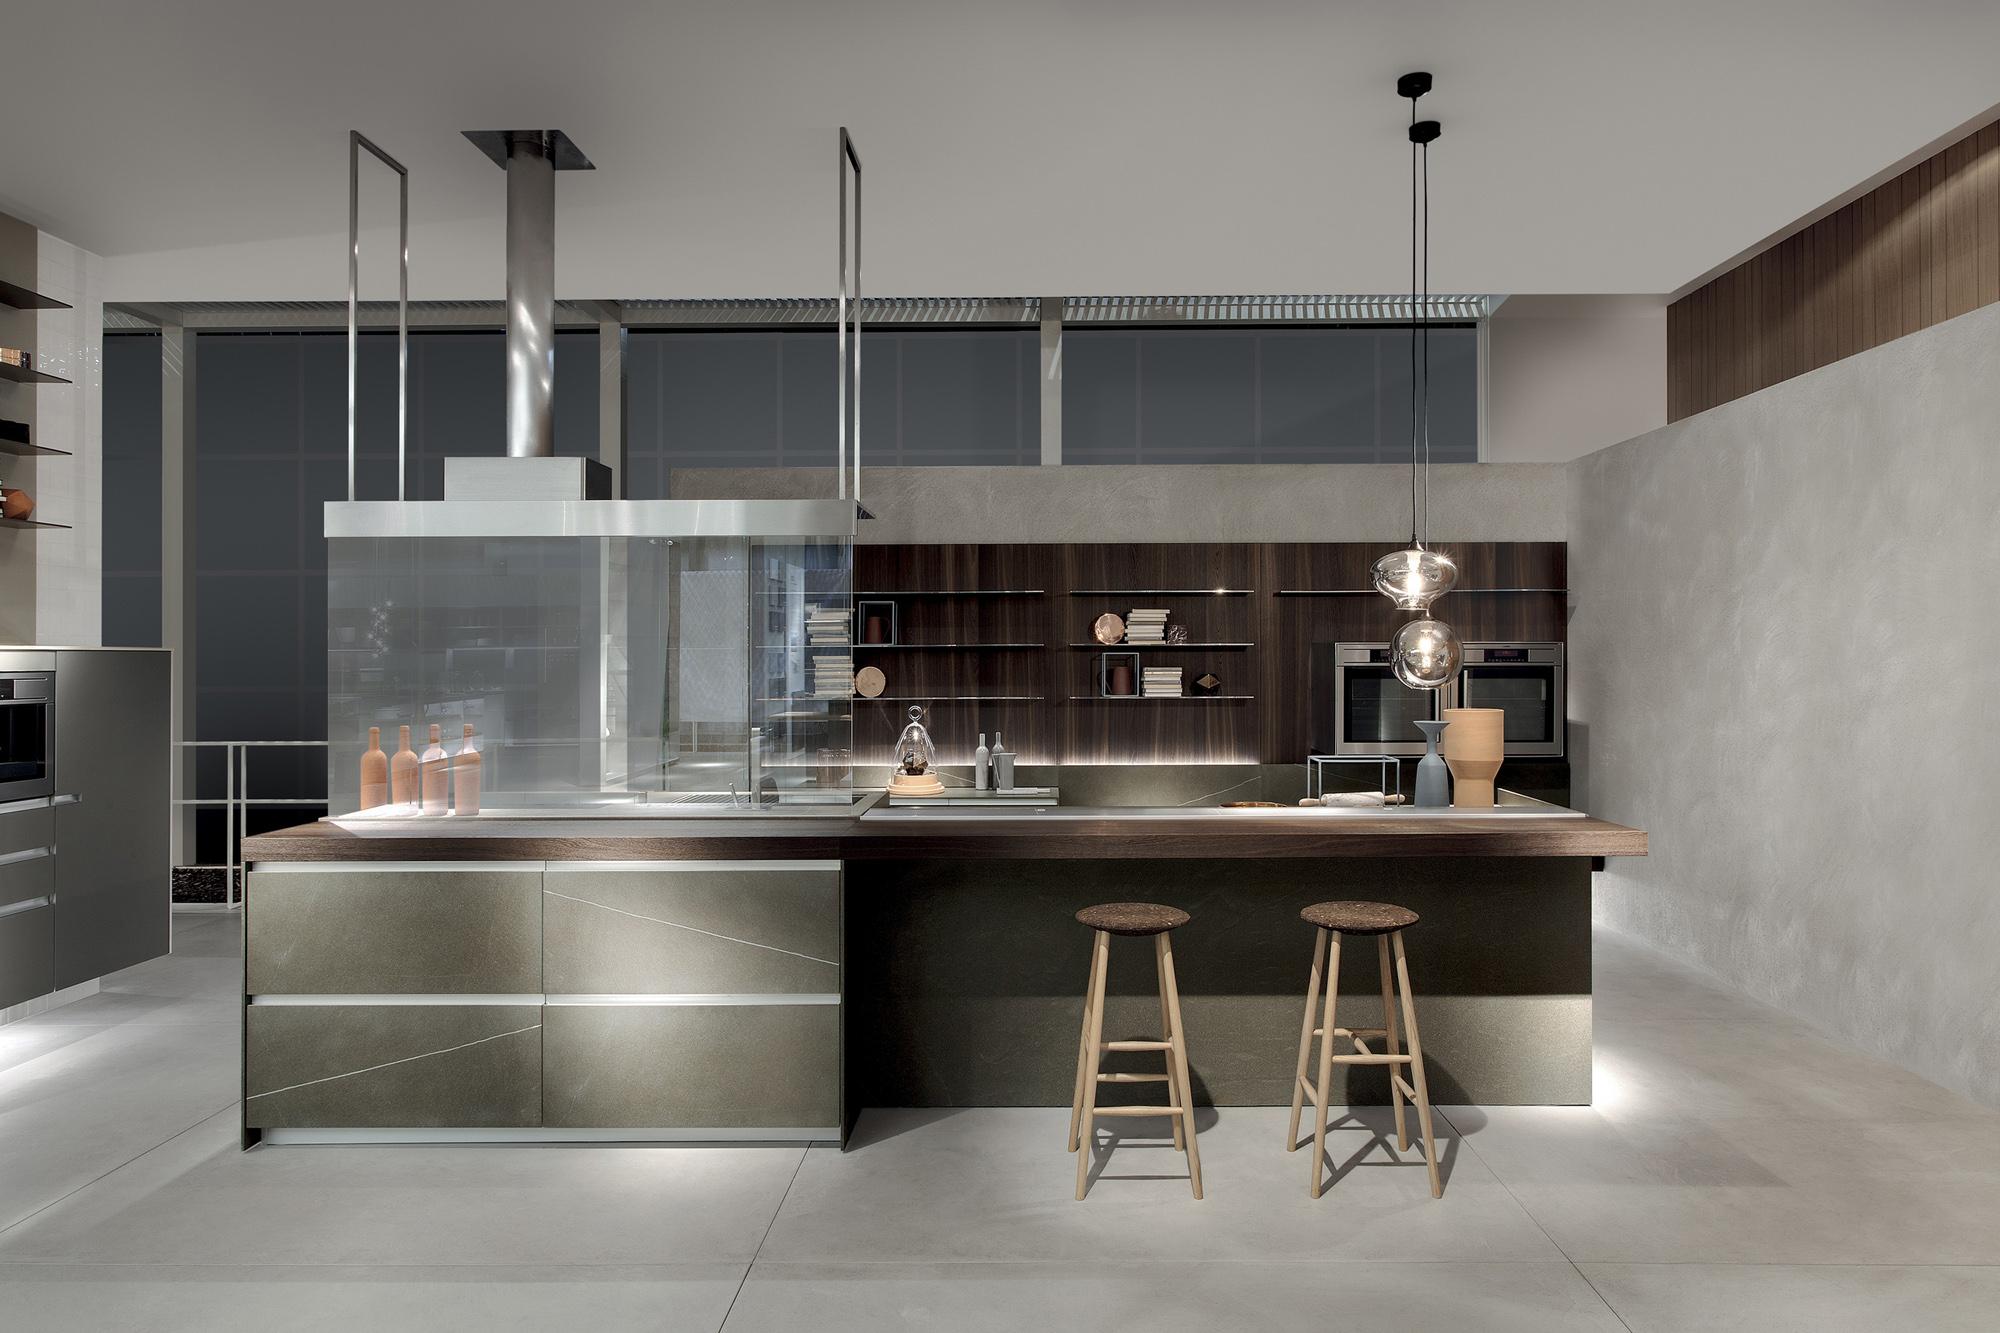 Tendenza in cucina: il piano snak secondo Ernestomeda | Adriaeco